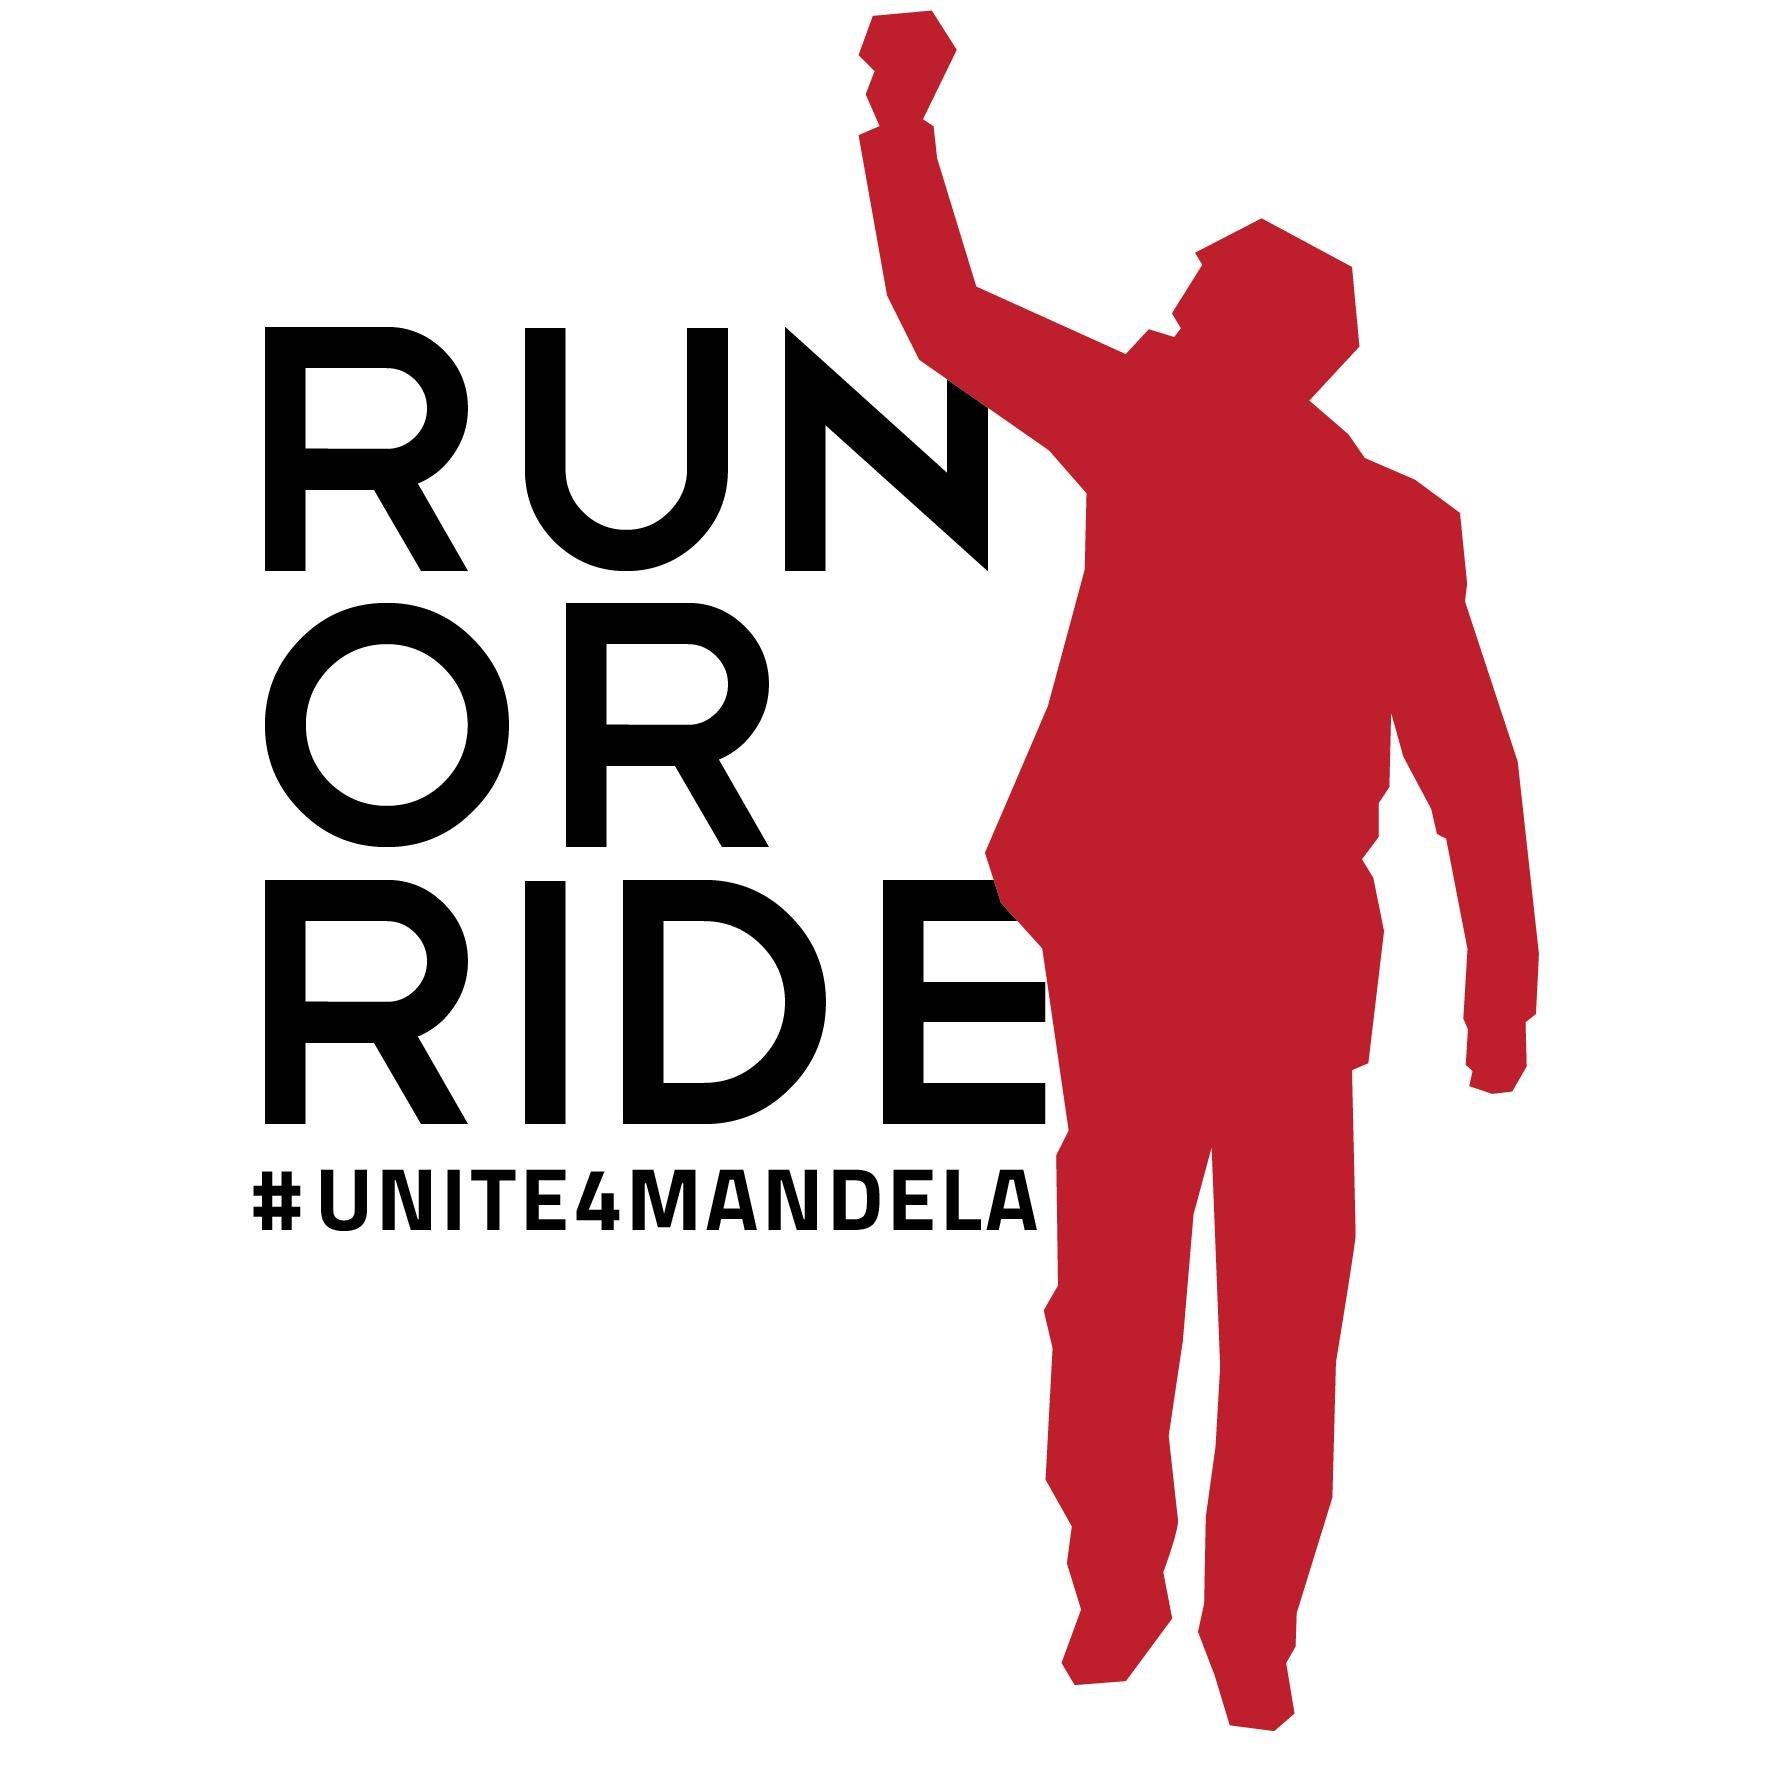 @Unite4Mandela